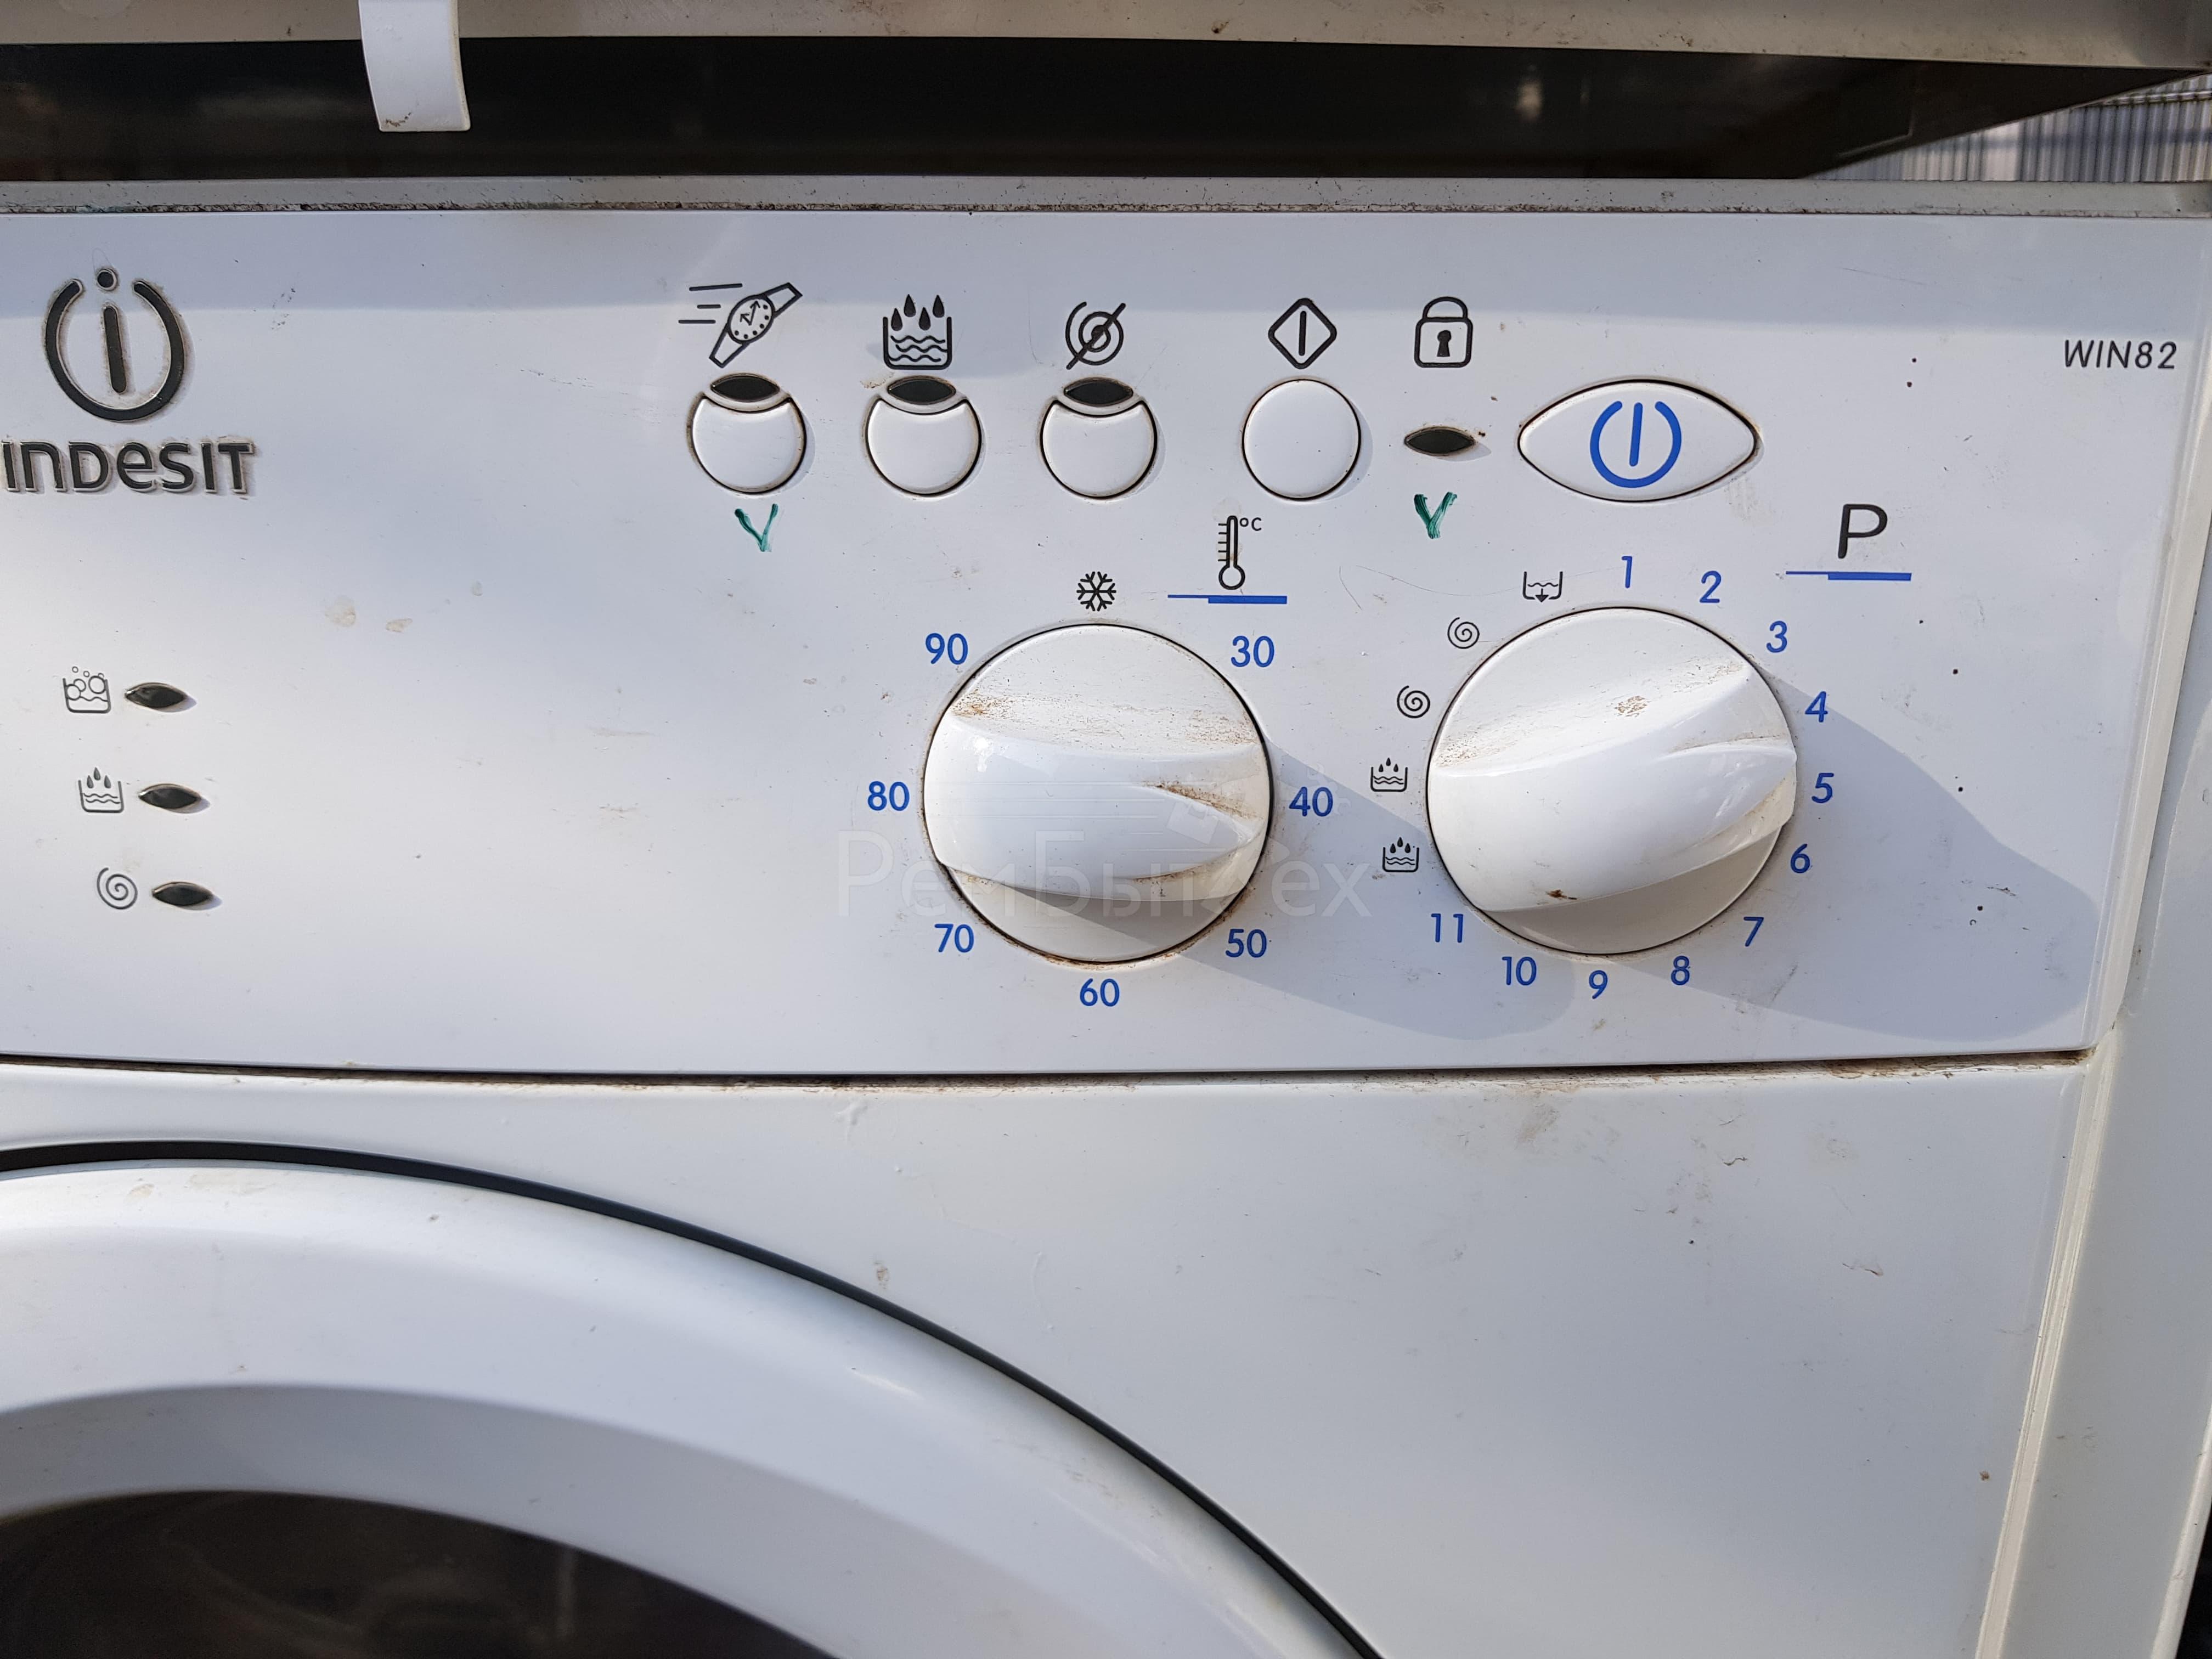 Если на стиральной машине индезит мигают все индикаторы, то в первую очередь нужно узнать почему так происходит.